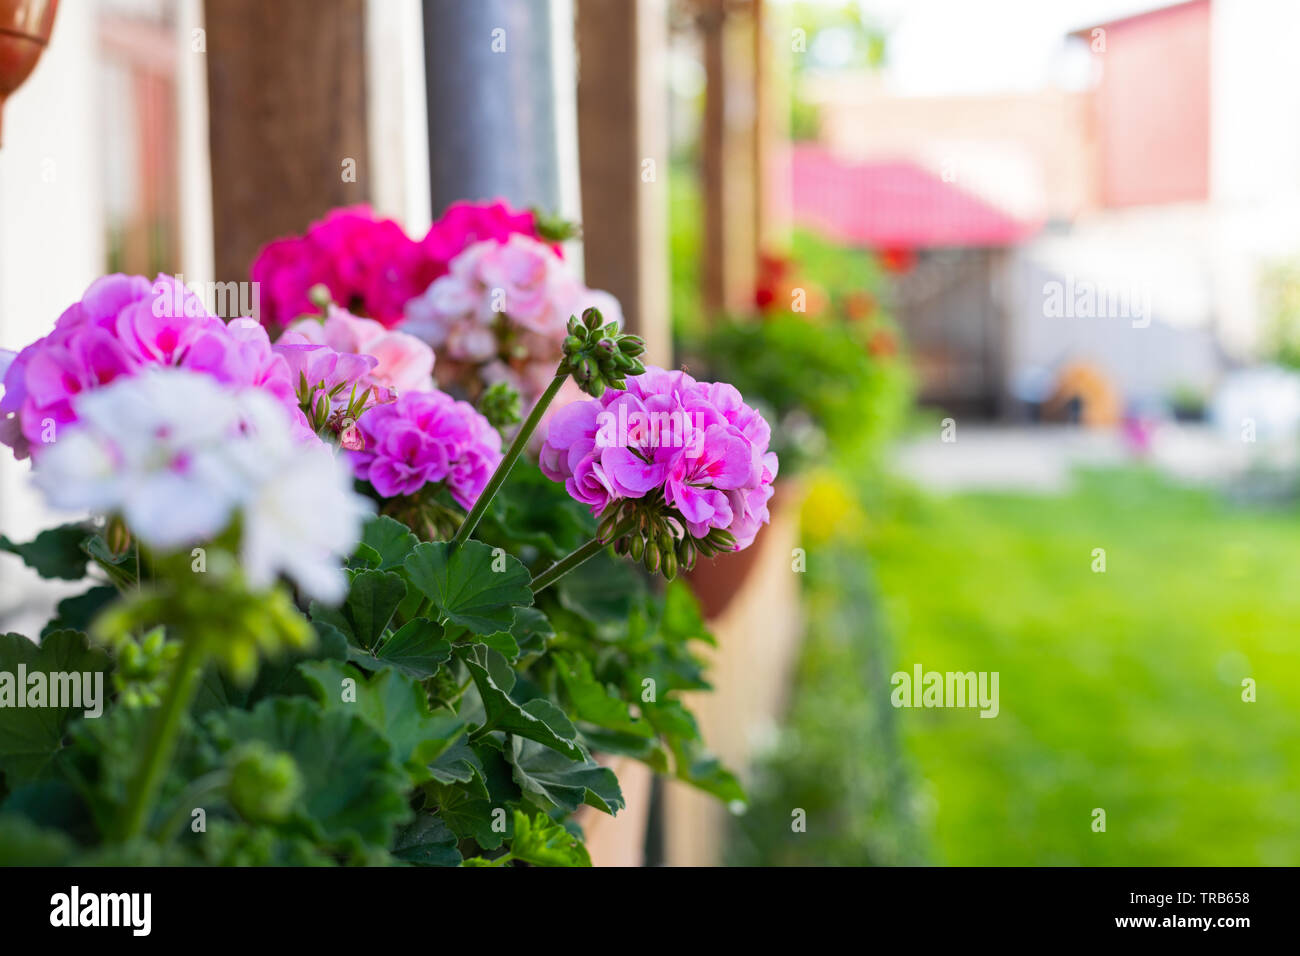 Brillantes Y Coloridas Flores De Geranio En Una Maceta